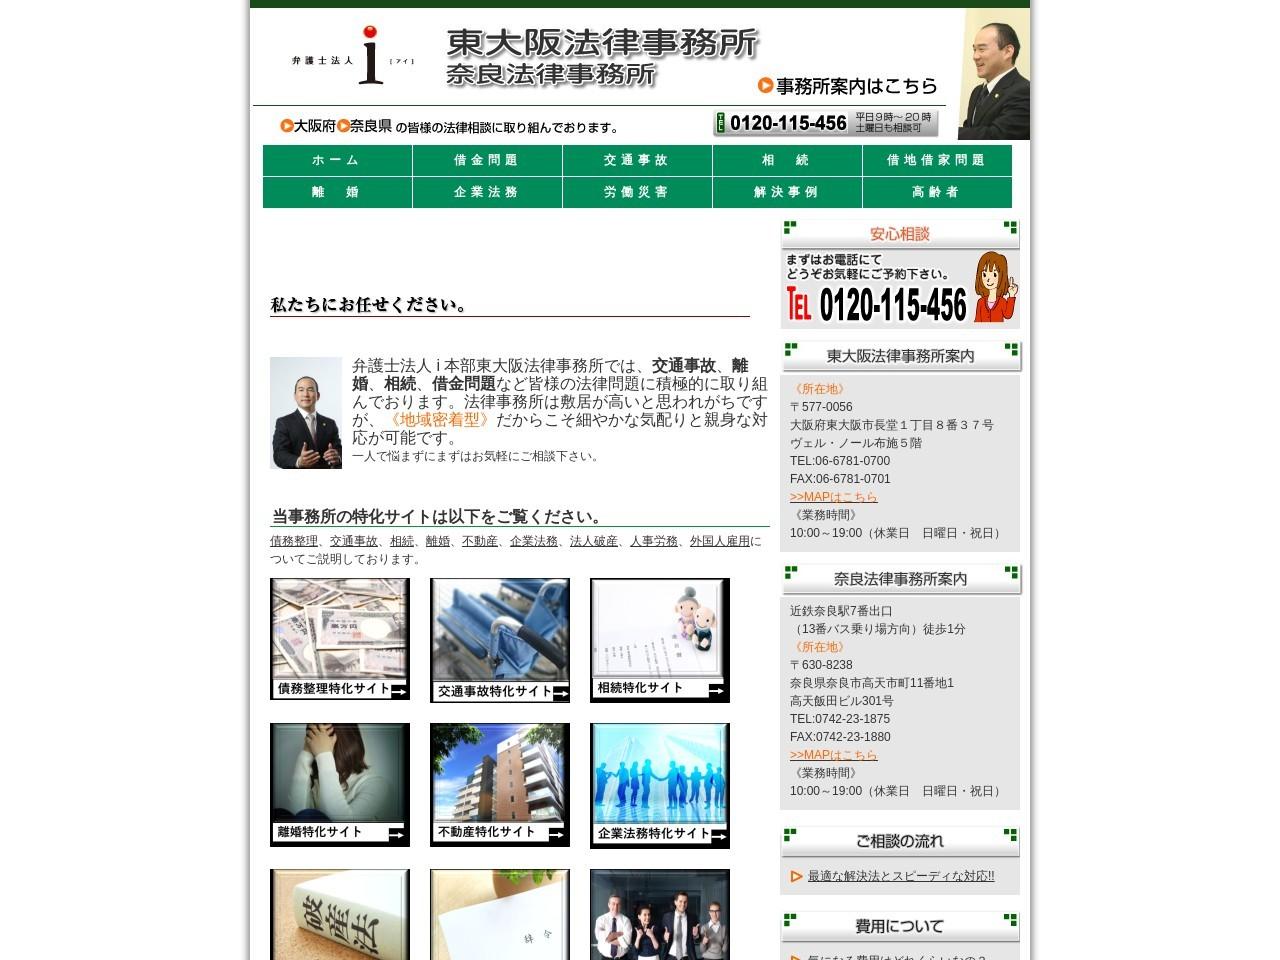 i(弁護士法人)本部東大阪法律事務所